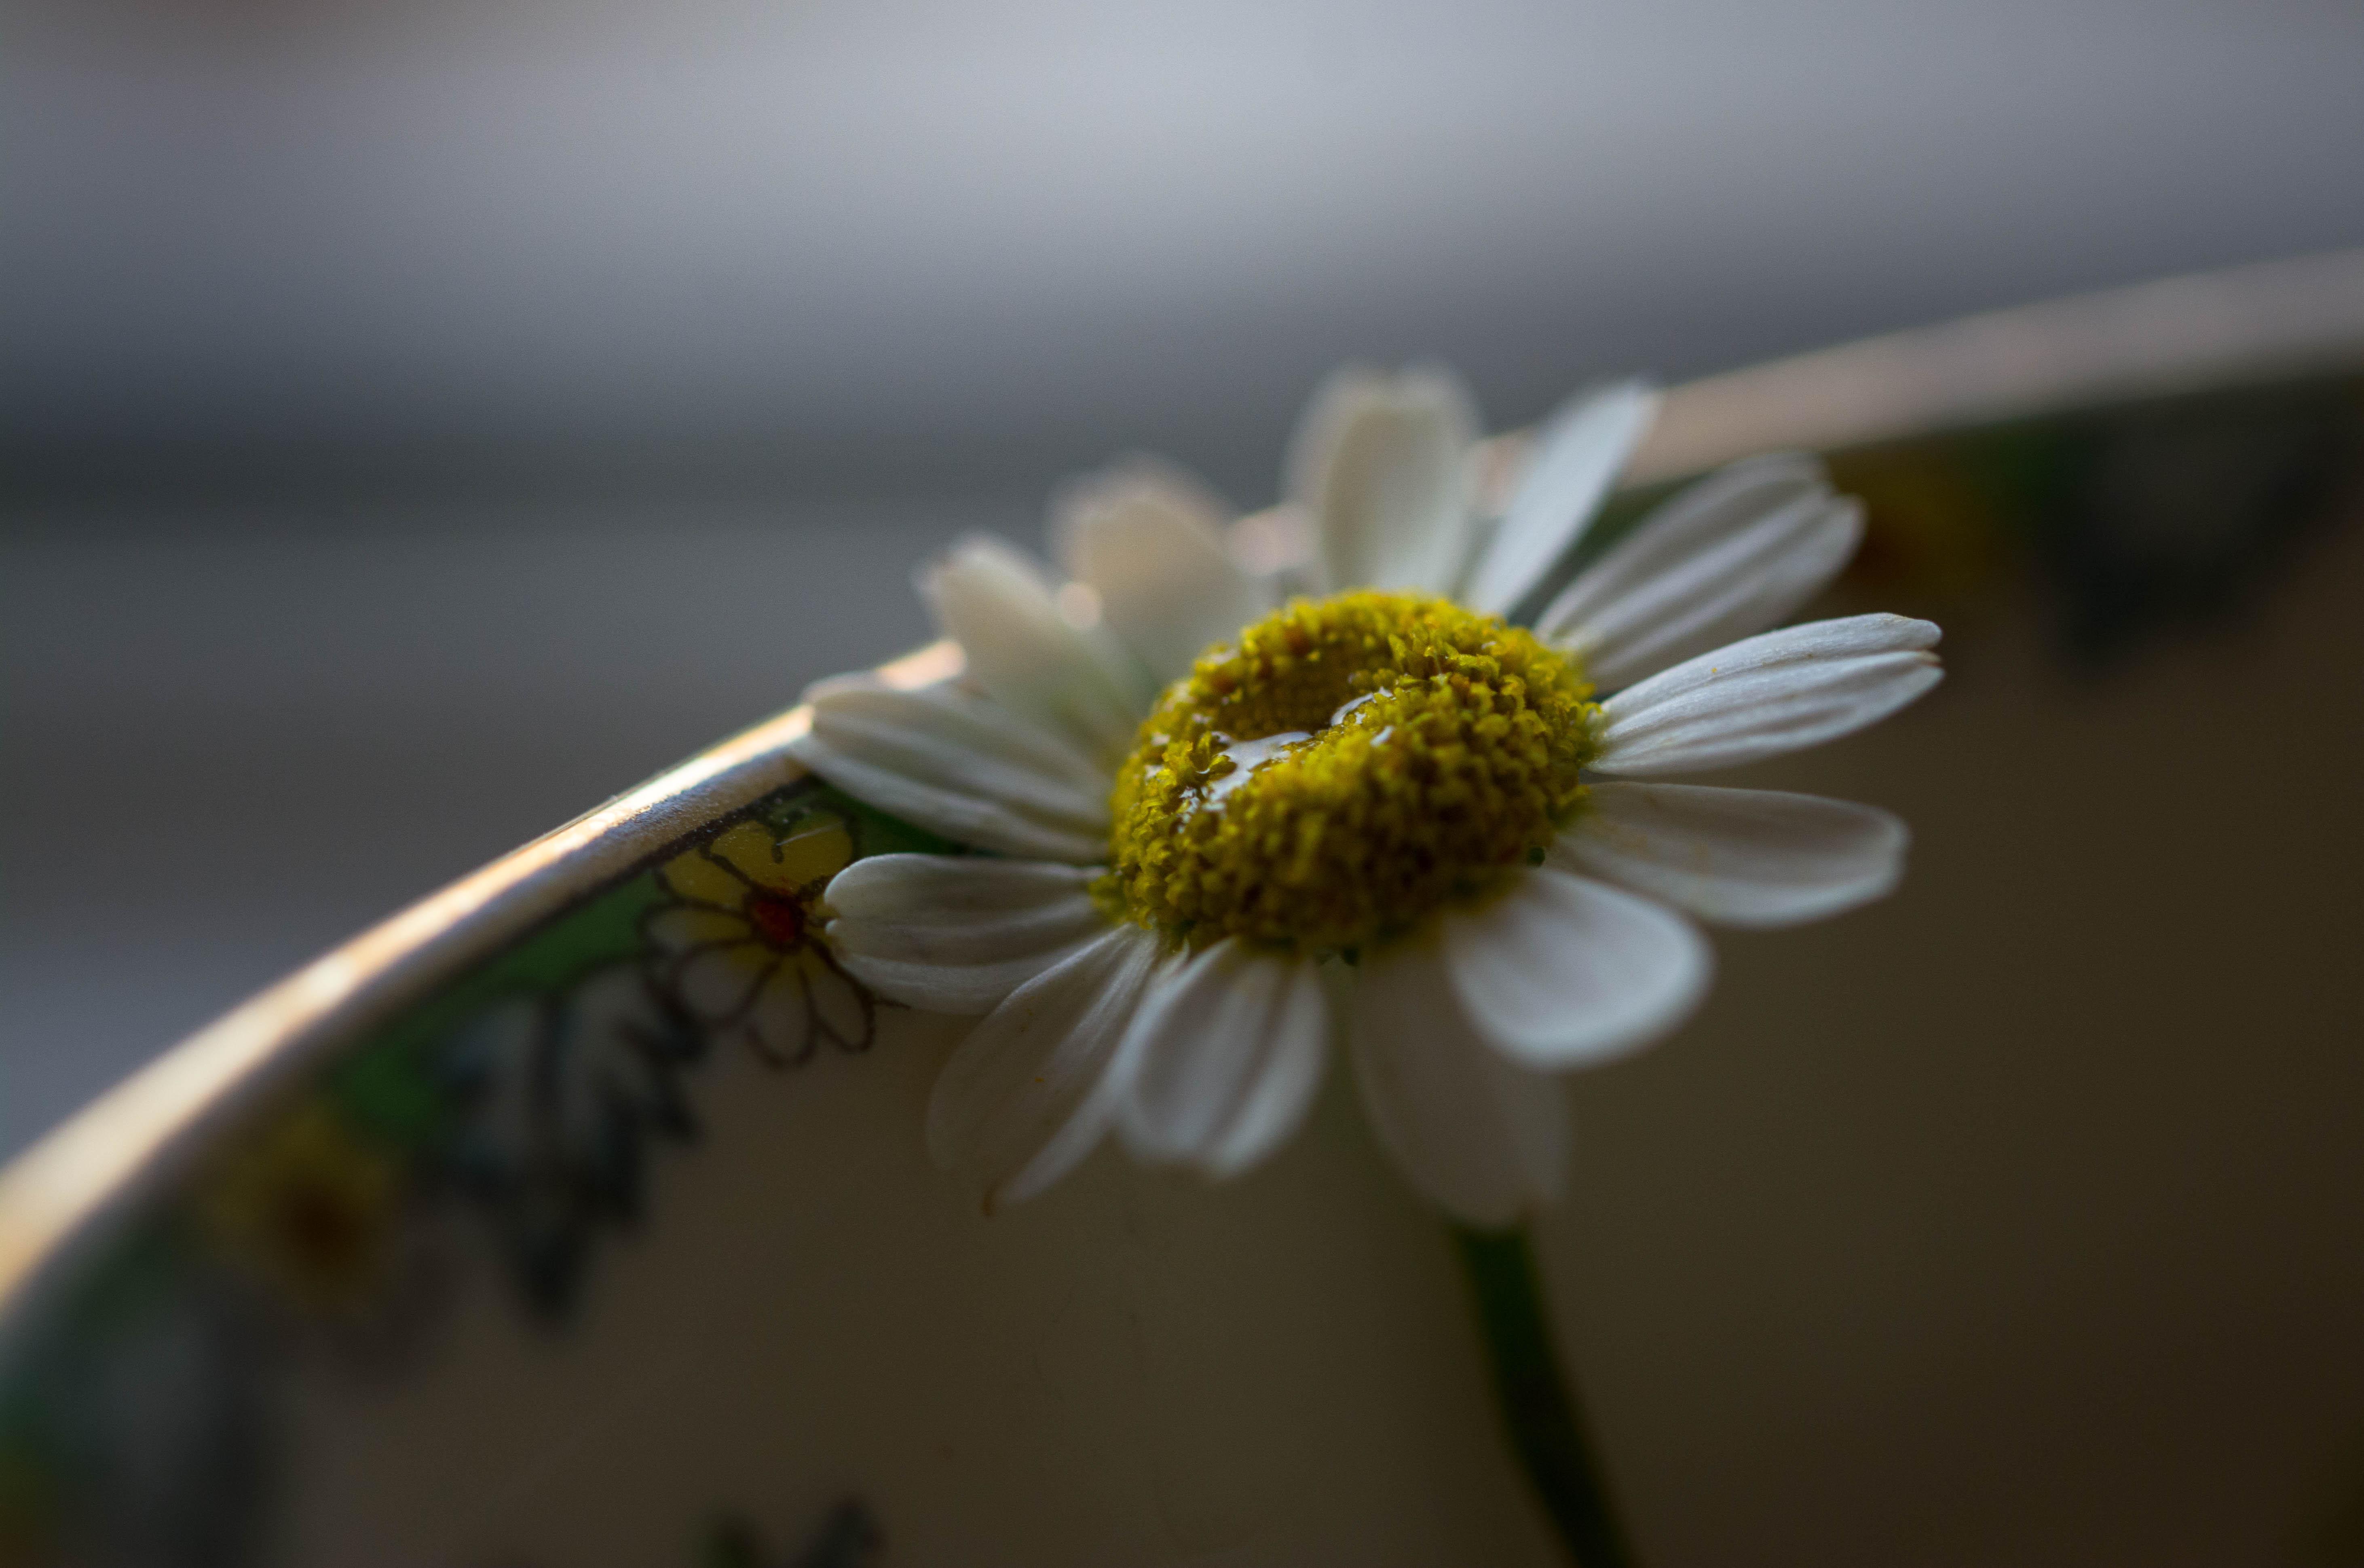 Masaüstü Kimsesiz Papatya Tek çiçek Gözyaşları Ağlamak özlem